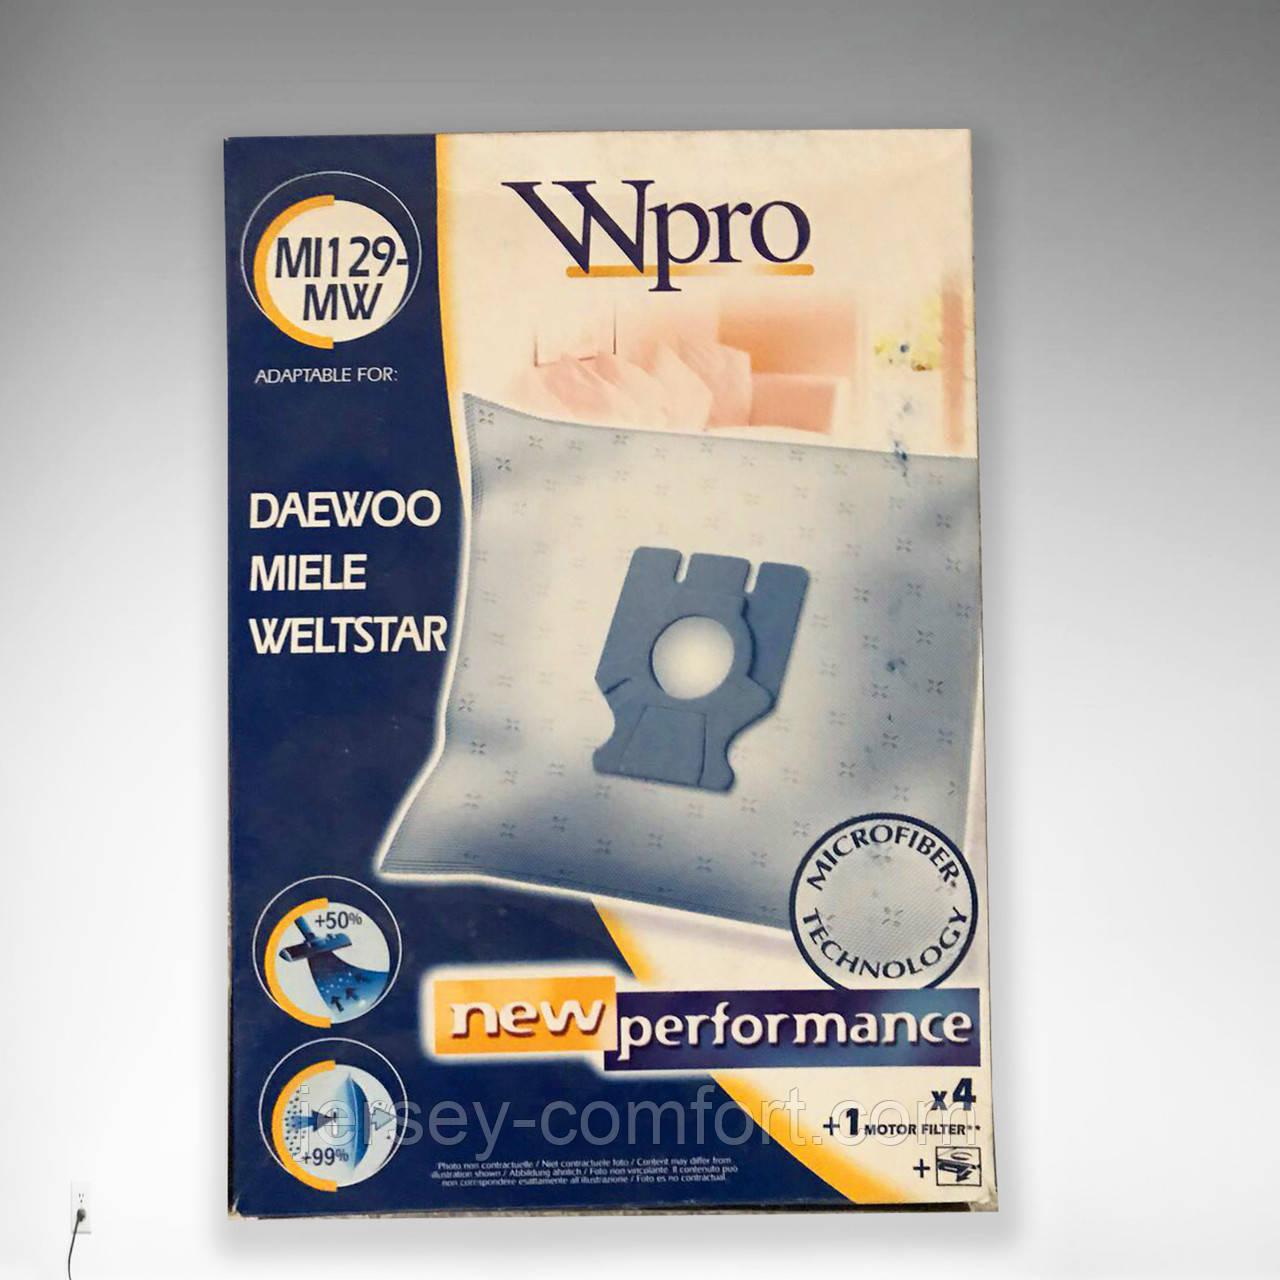 Мешки, пылесборники  для пылесосов MIELE   DAEWOO  WELTSTAR. MI129-MW